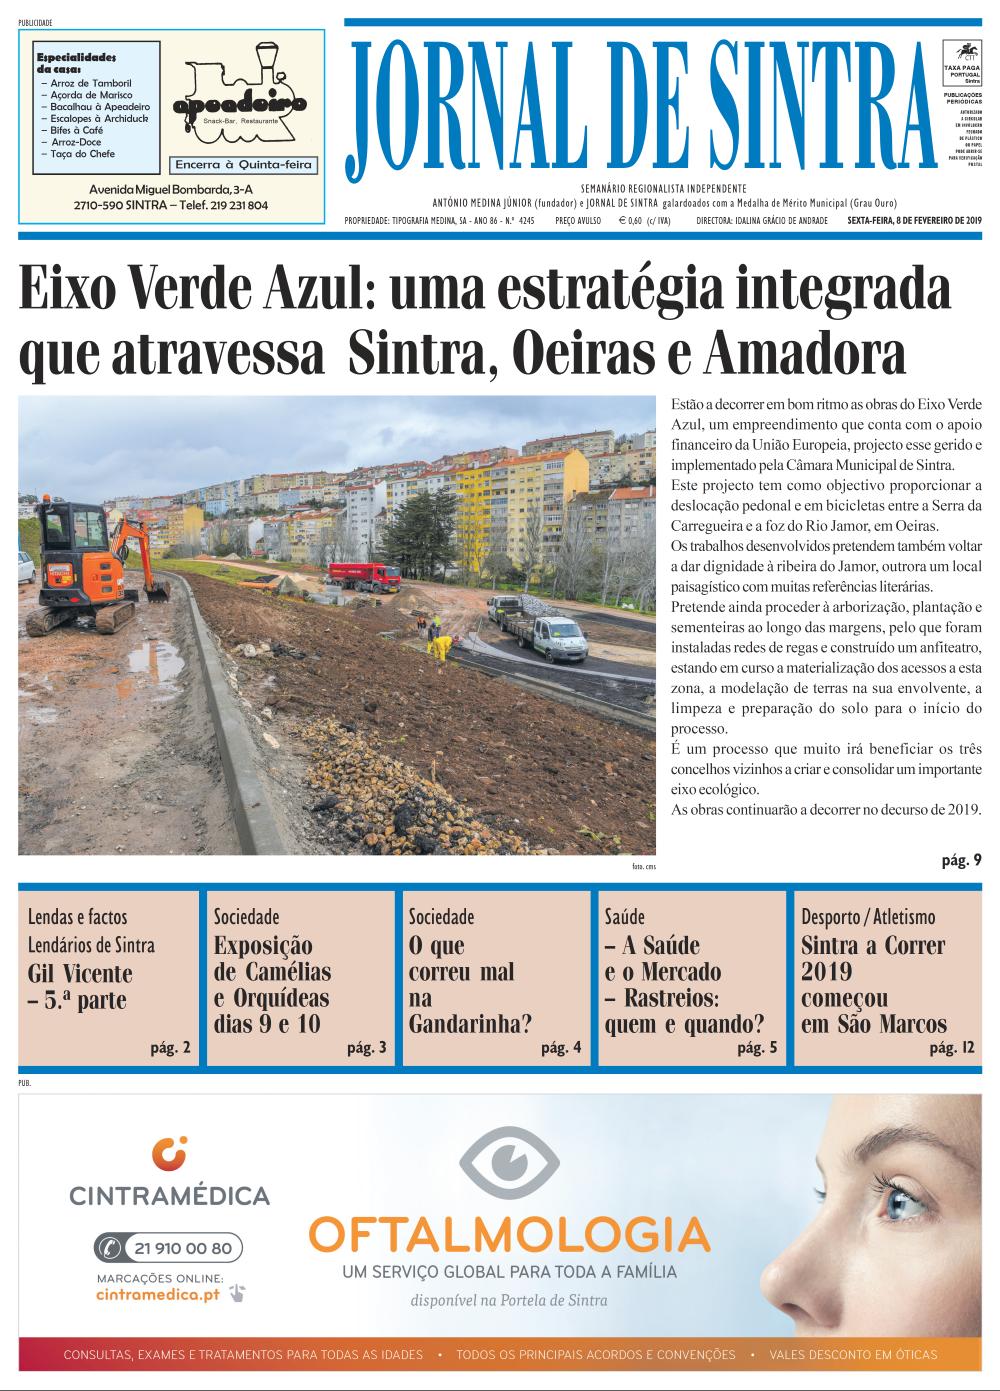 Capa da edição de 08/02/2019